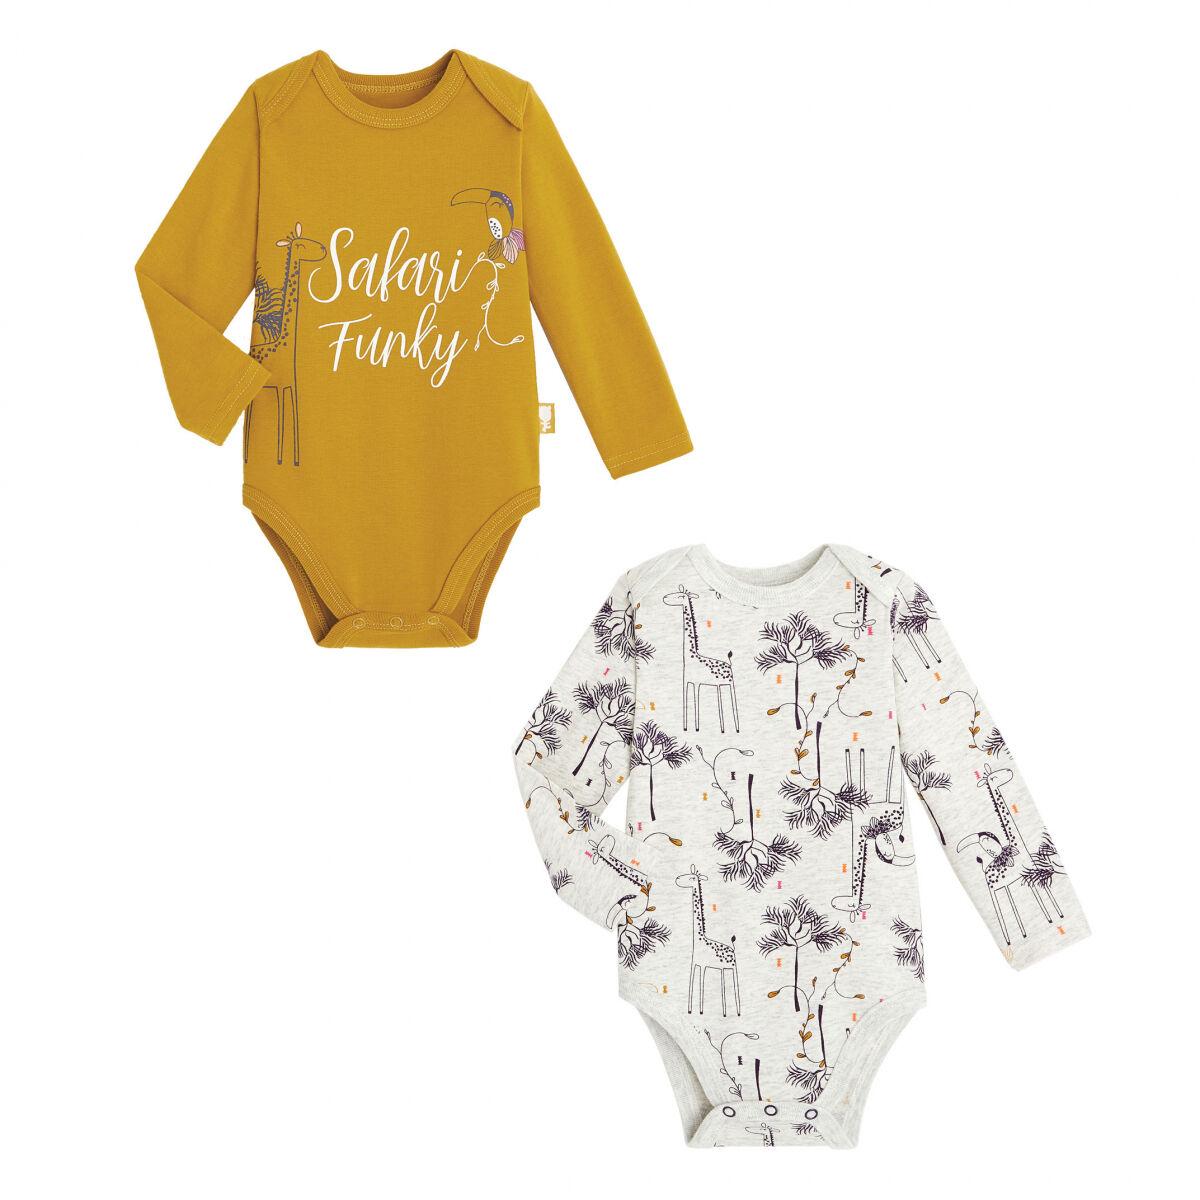 Petit Béguin Lot de 2 bodies bébé fille manches longues contenant du coton bio Funky Safari - Taille - 9 mois